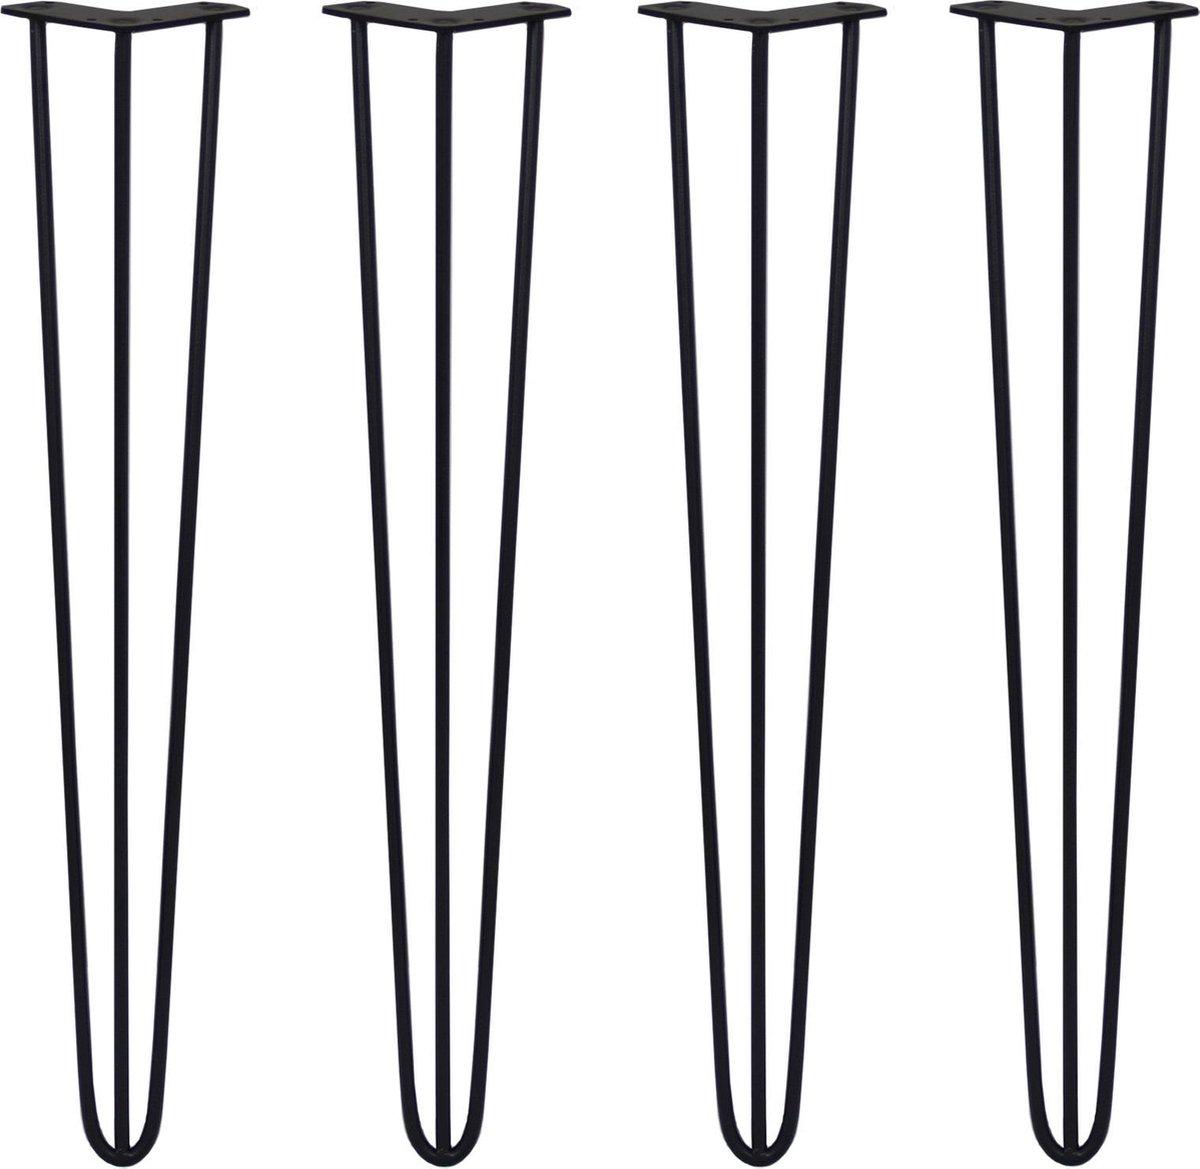 4 x 28 Hairpin Legs - 3 Prong - 10mm - Black - SKISKI LEGS